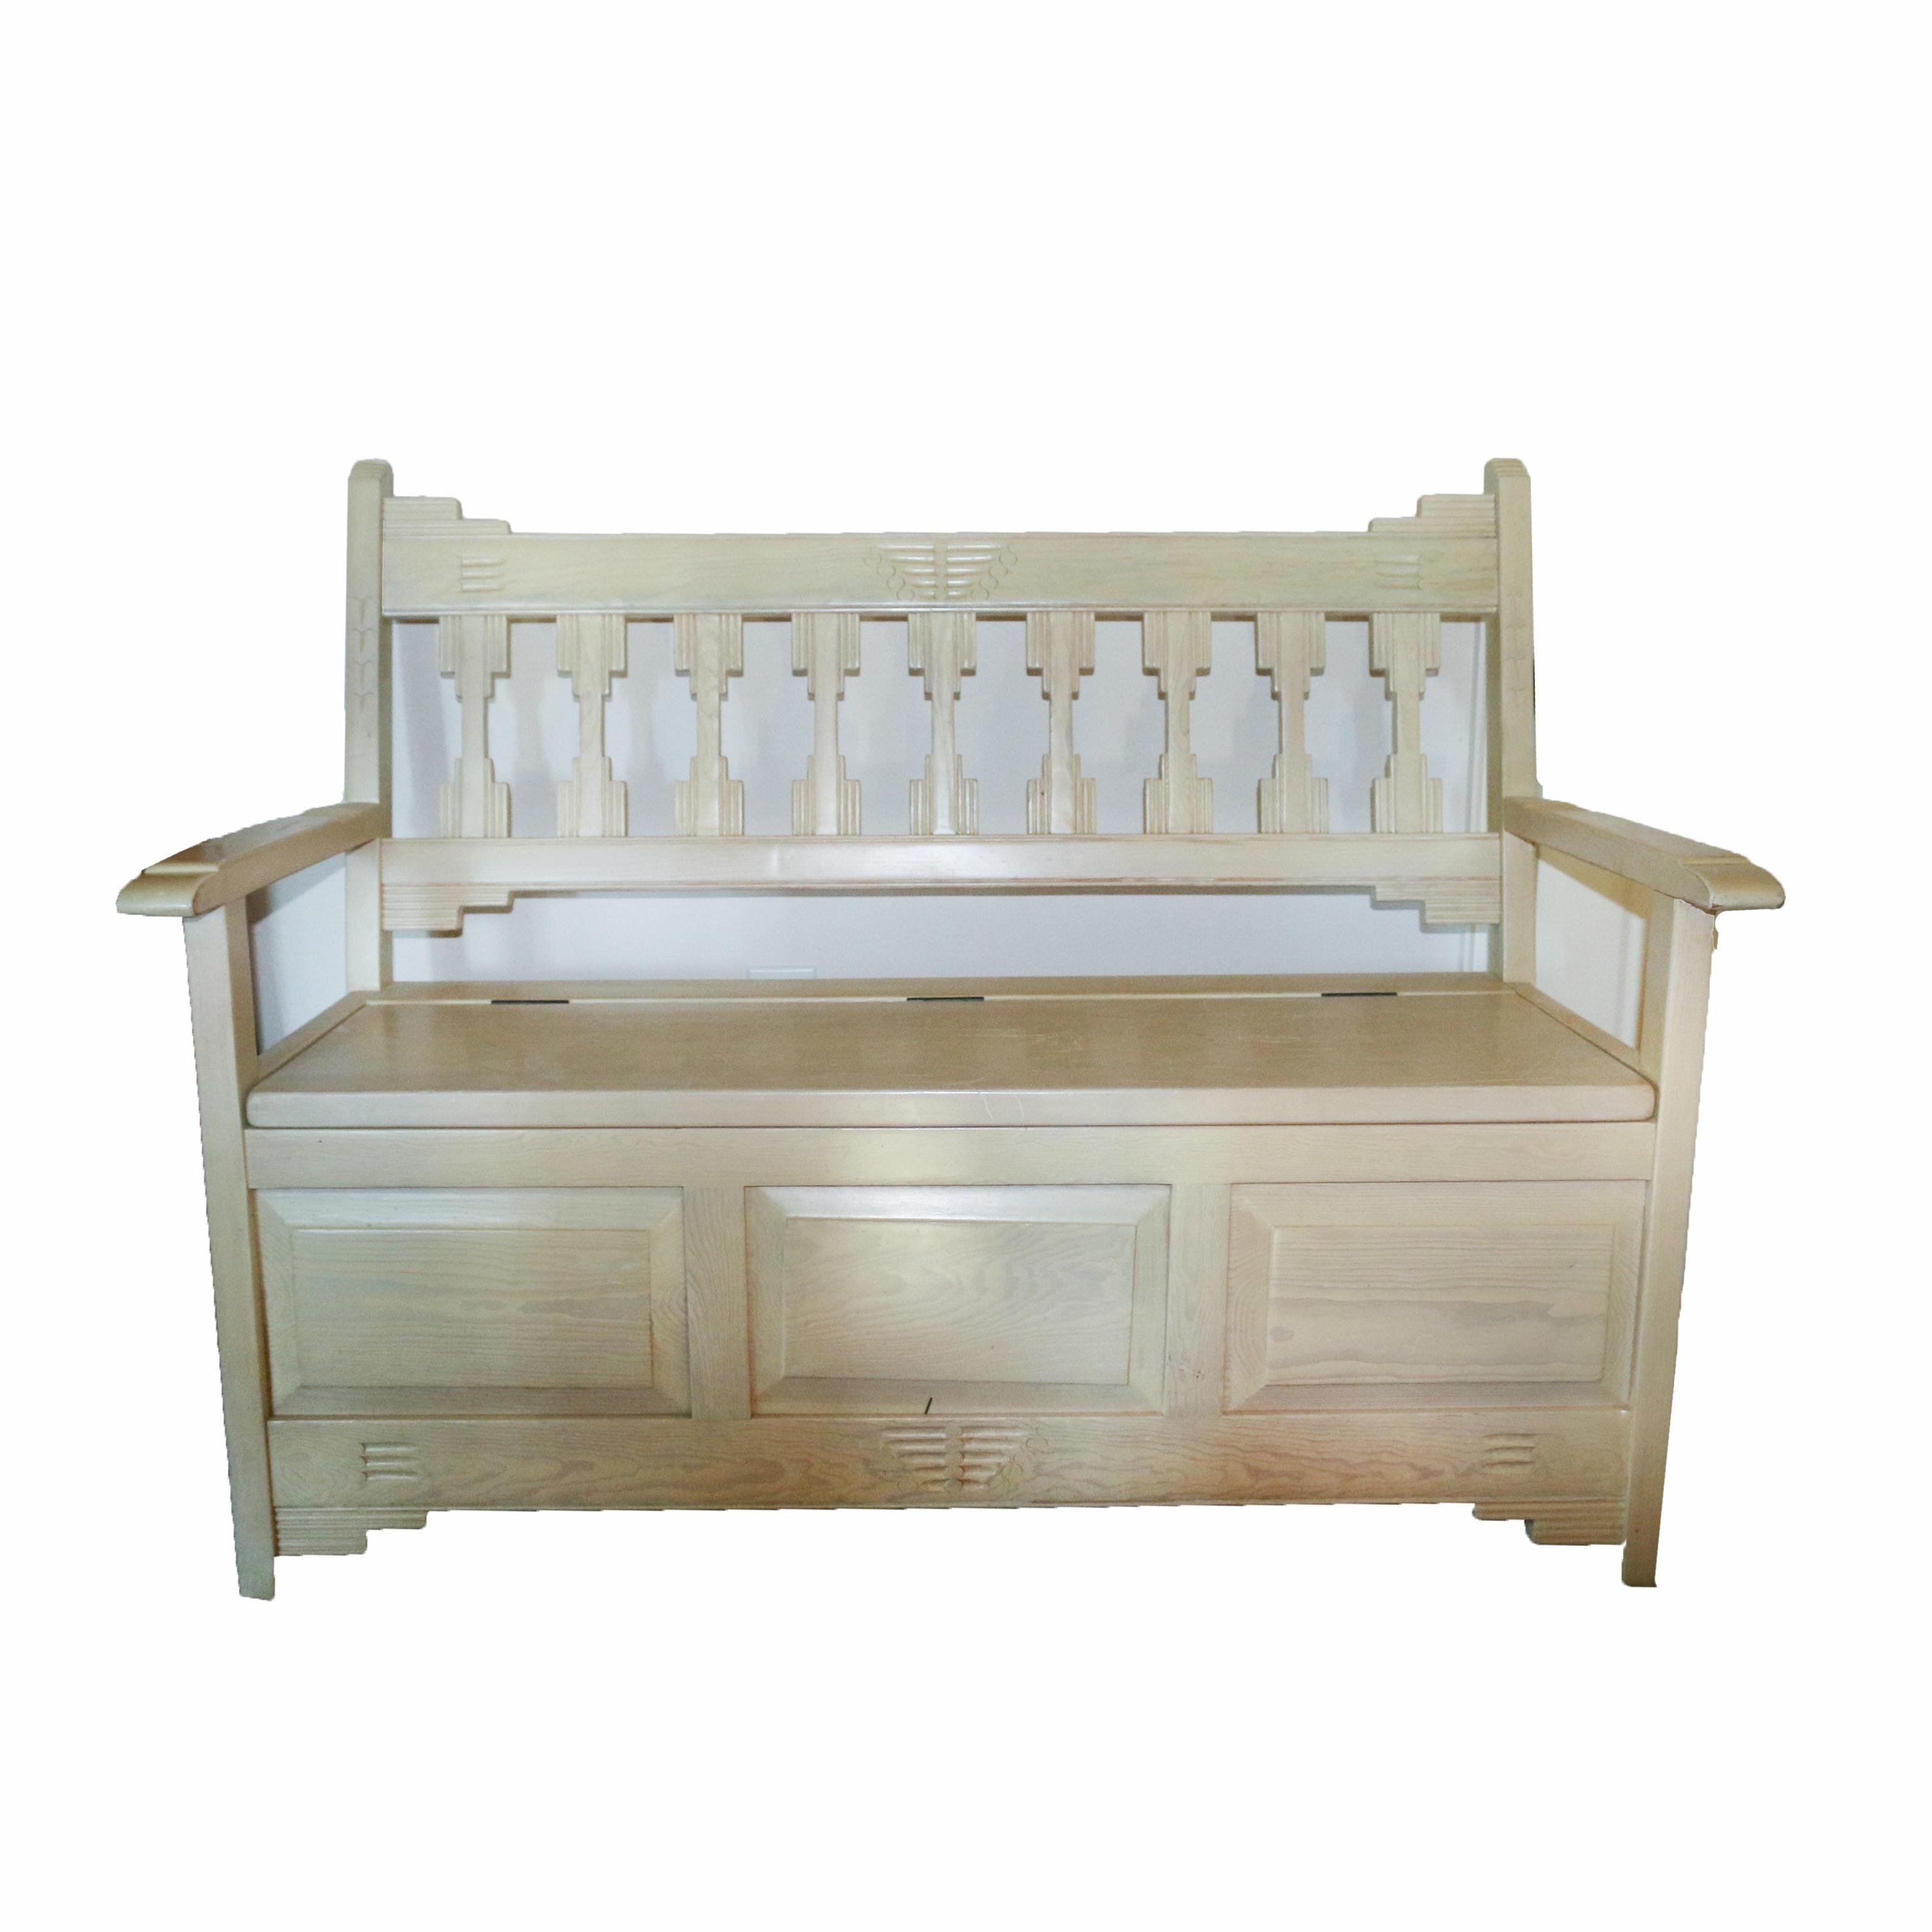 Wooden Storage Bench